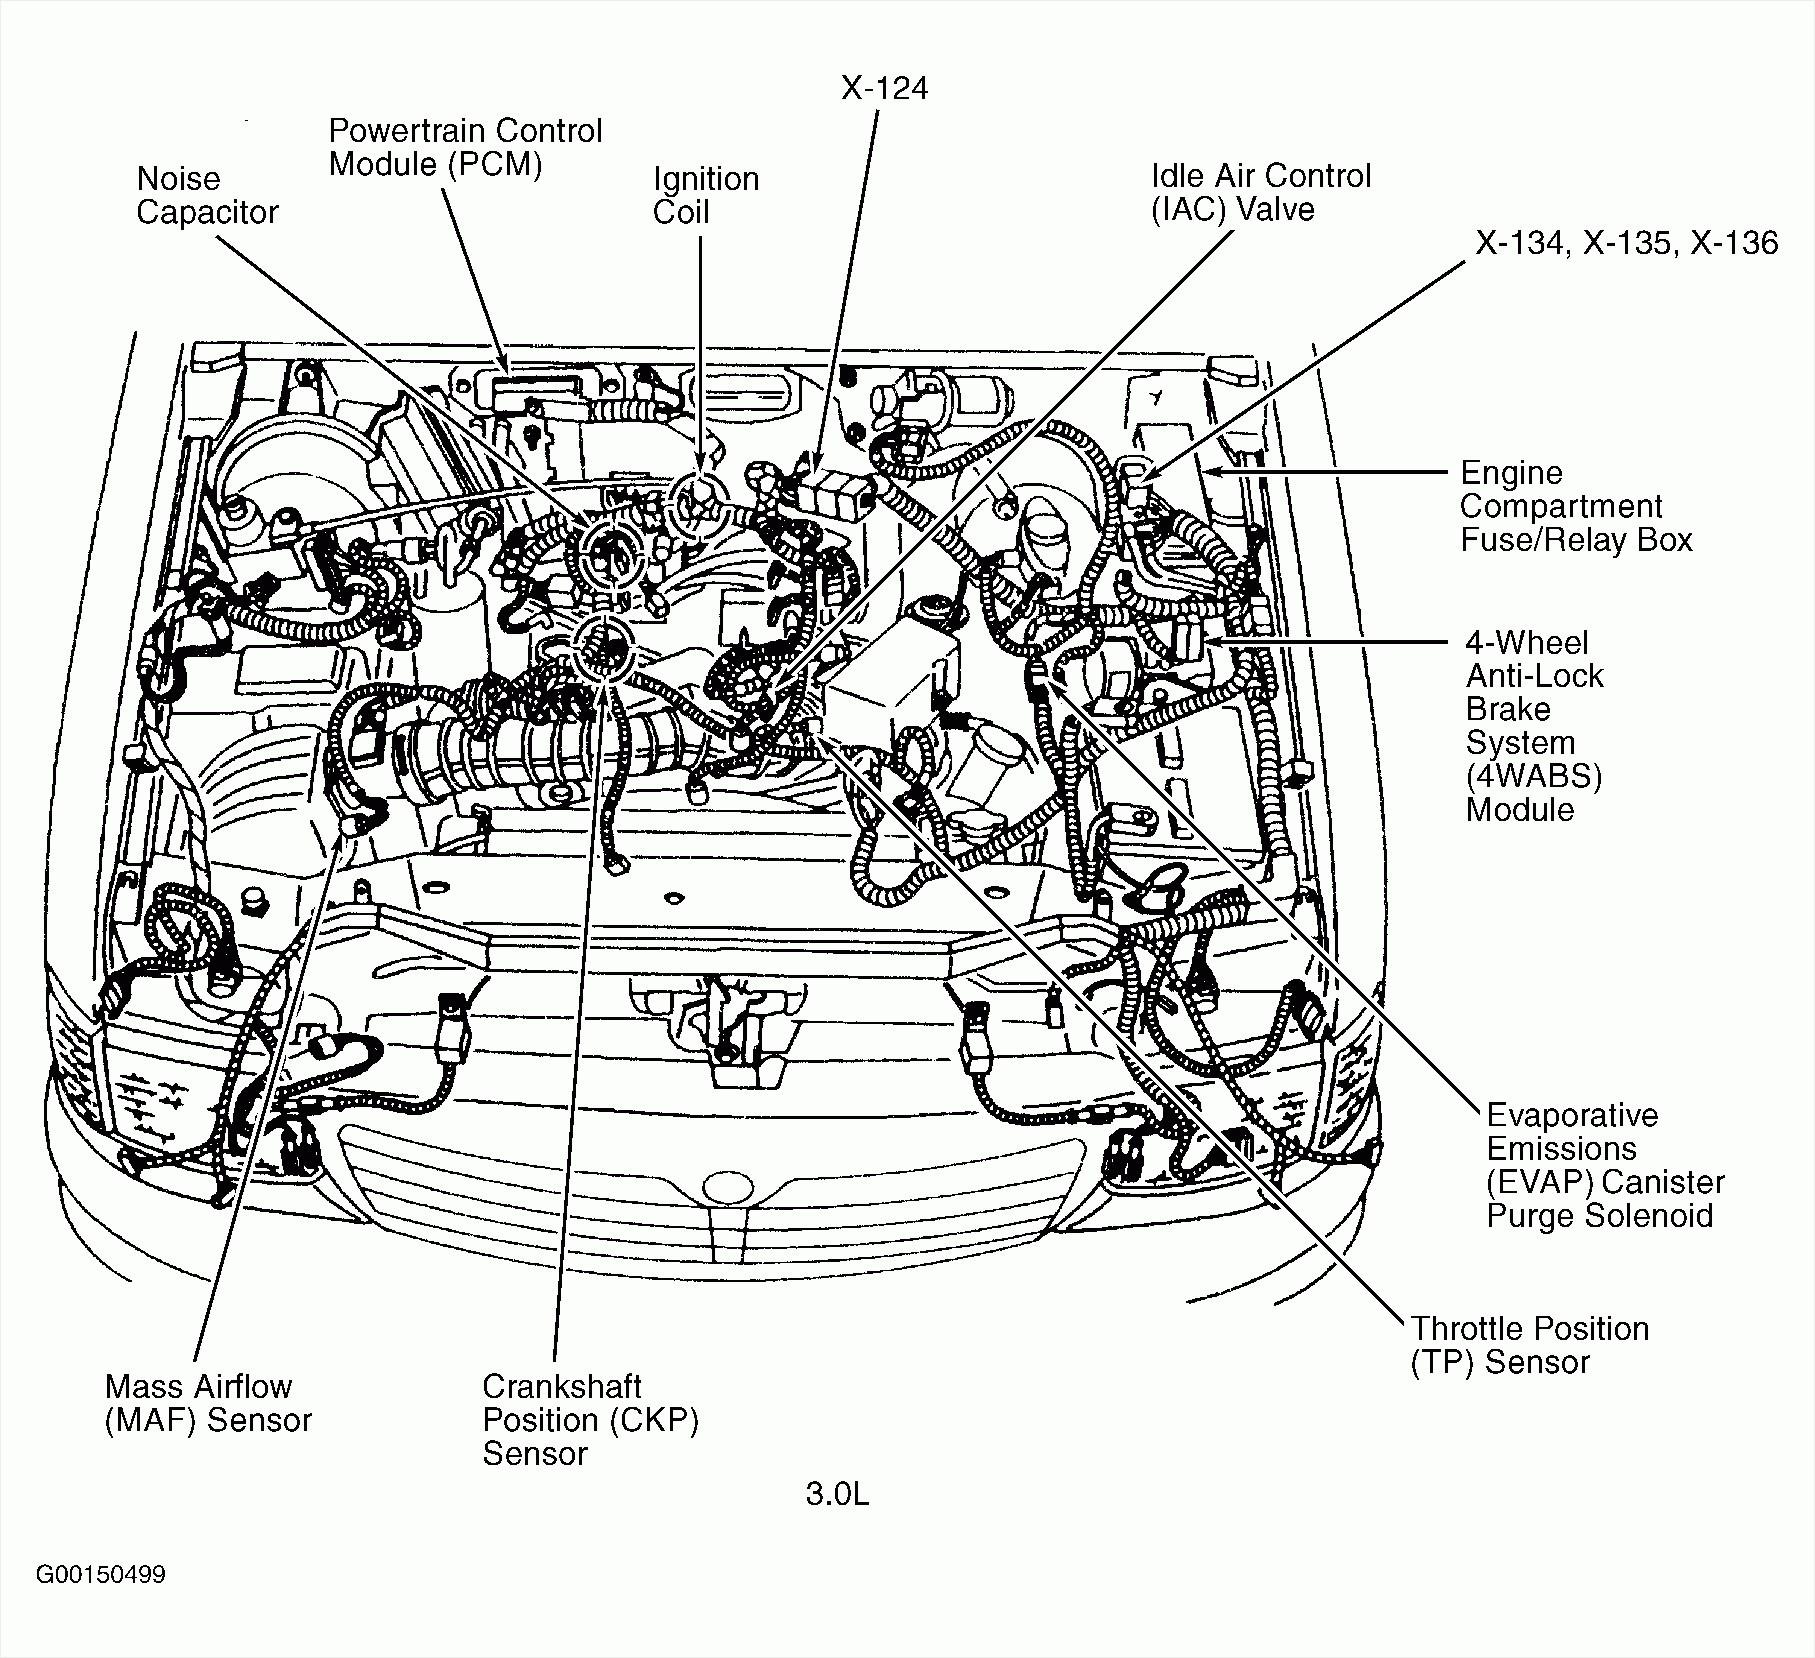 2008 Chevy Malibu Ltz 3.6 Diagram Engine 2004 Cadillac Cts Engine Diagram Wiring Diagrams Page Of 2008 Chevy Malibu Ltz 3.6 Diagram Engine